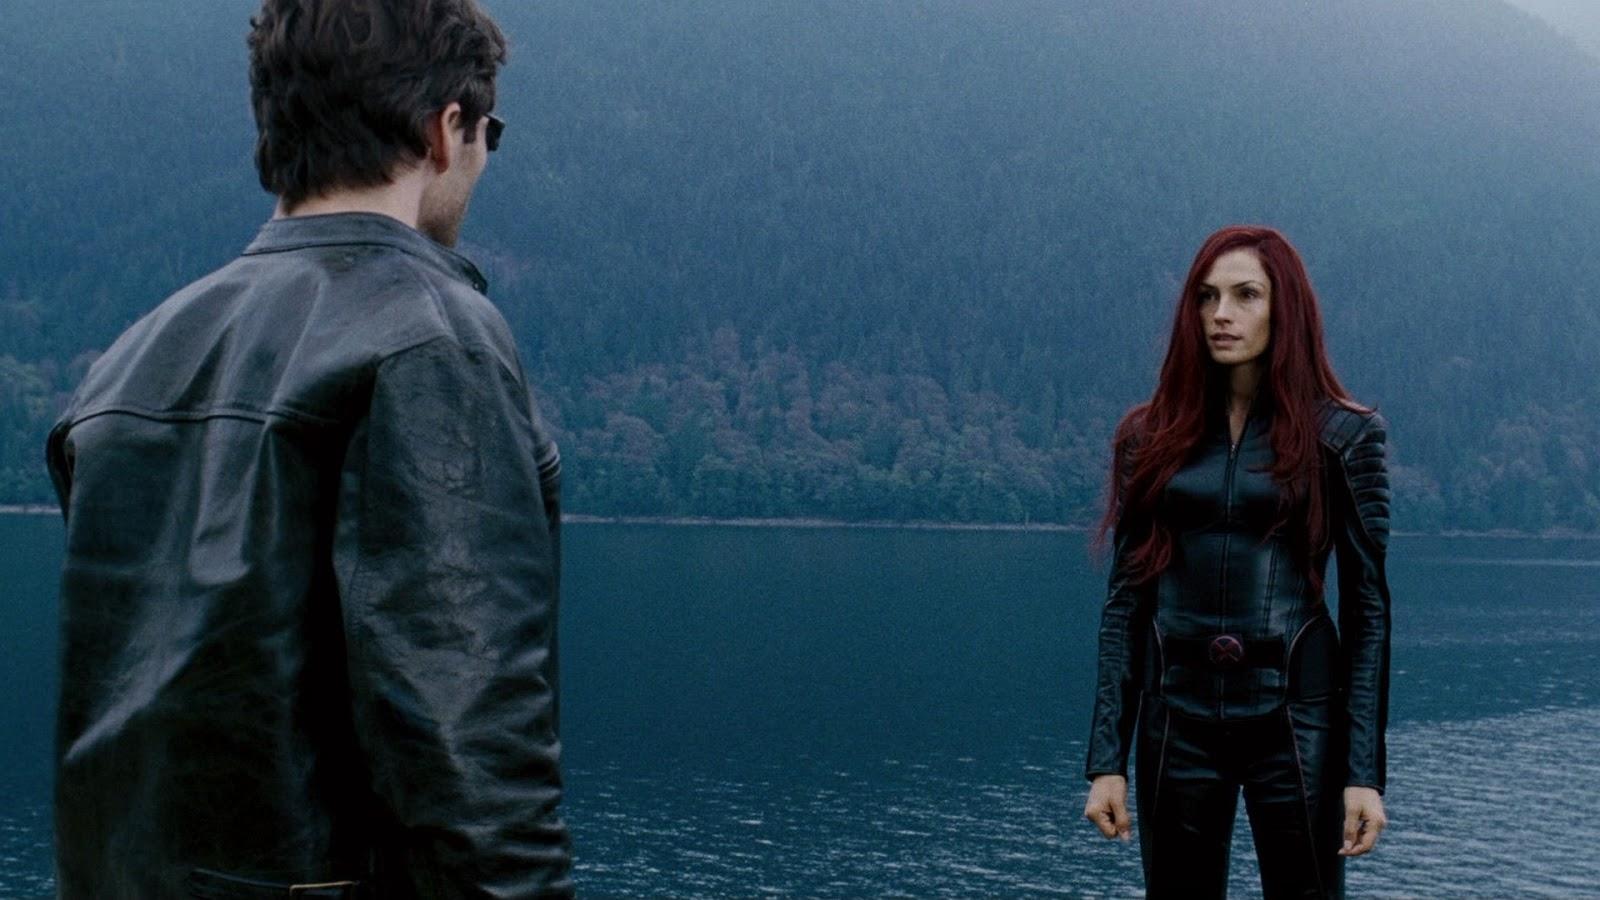 Cyclops (James Marsden) greets the resurrected Dr Jean Grey (Famke Janssen) in X-Men: The Last Stand (2006) 2